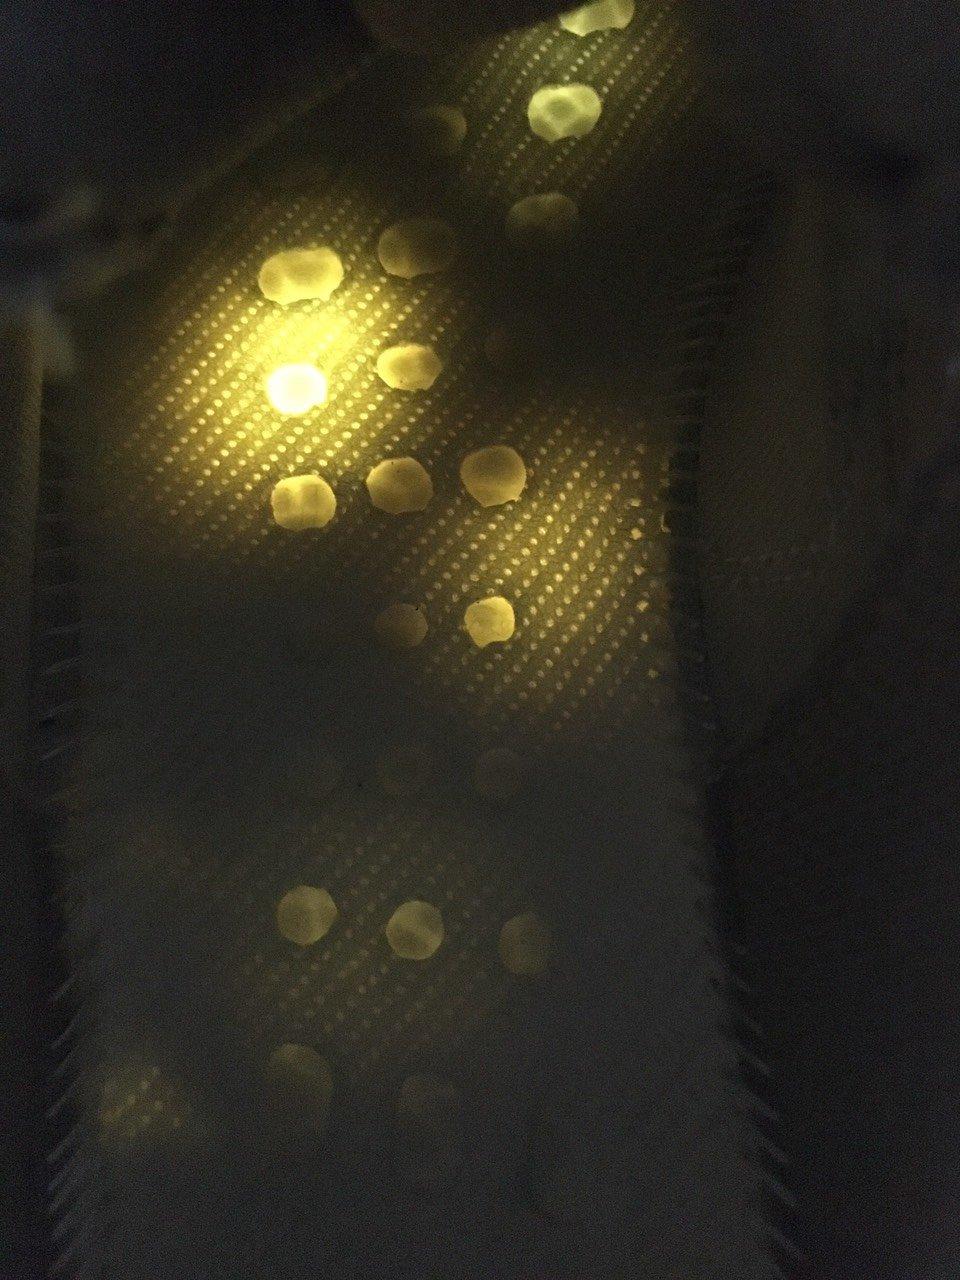 Giày Thể Thao Adidas Yeezy 700 V2 Static Phản Quang ảnh thực tế